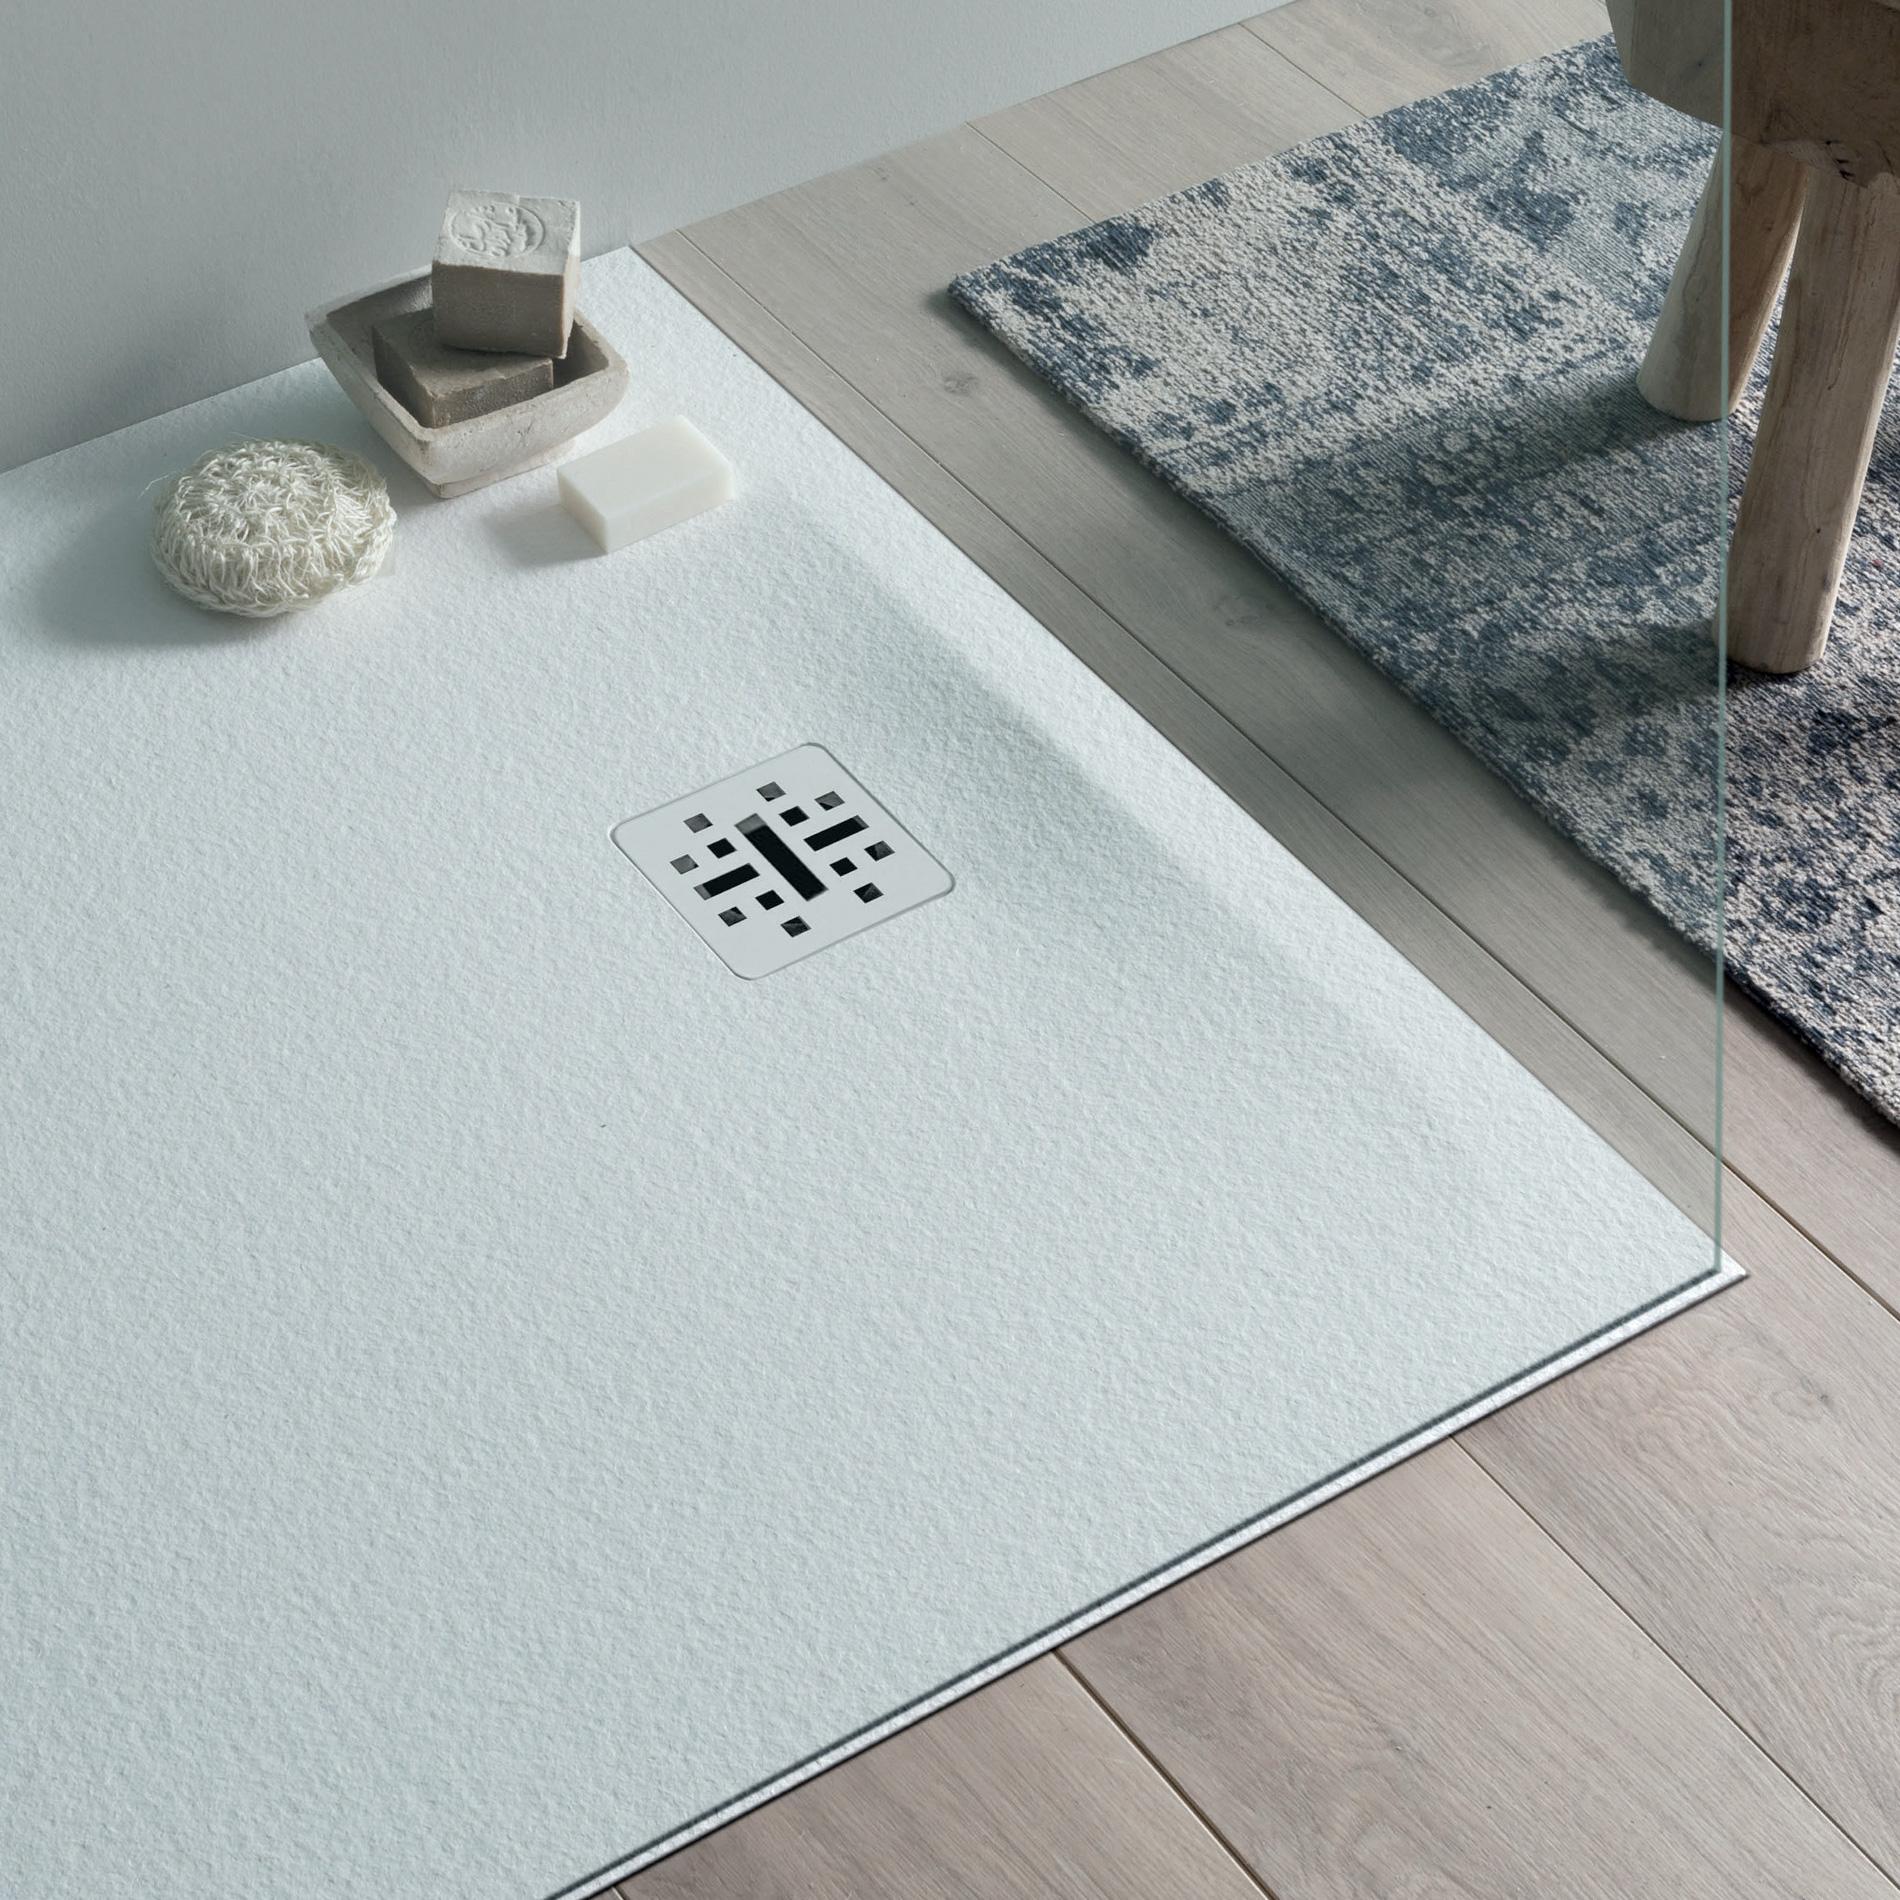 Mineralmarmo-home-products-Ceramiche-Globo-shower-tray-2